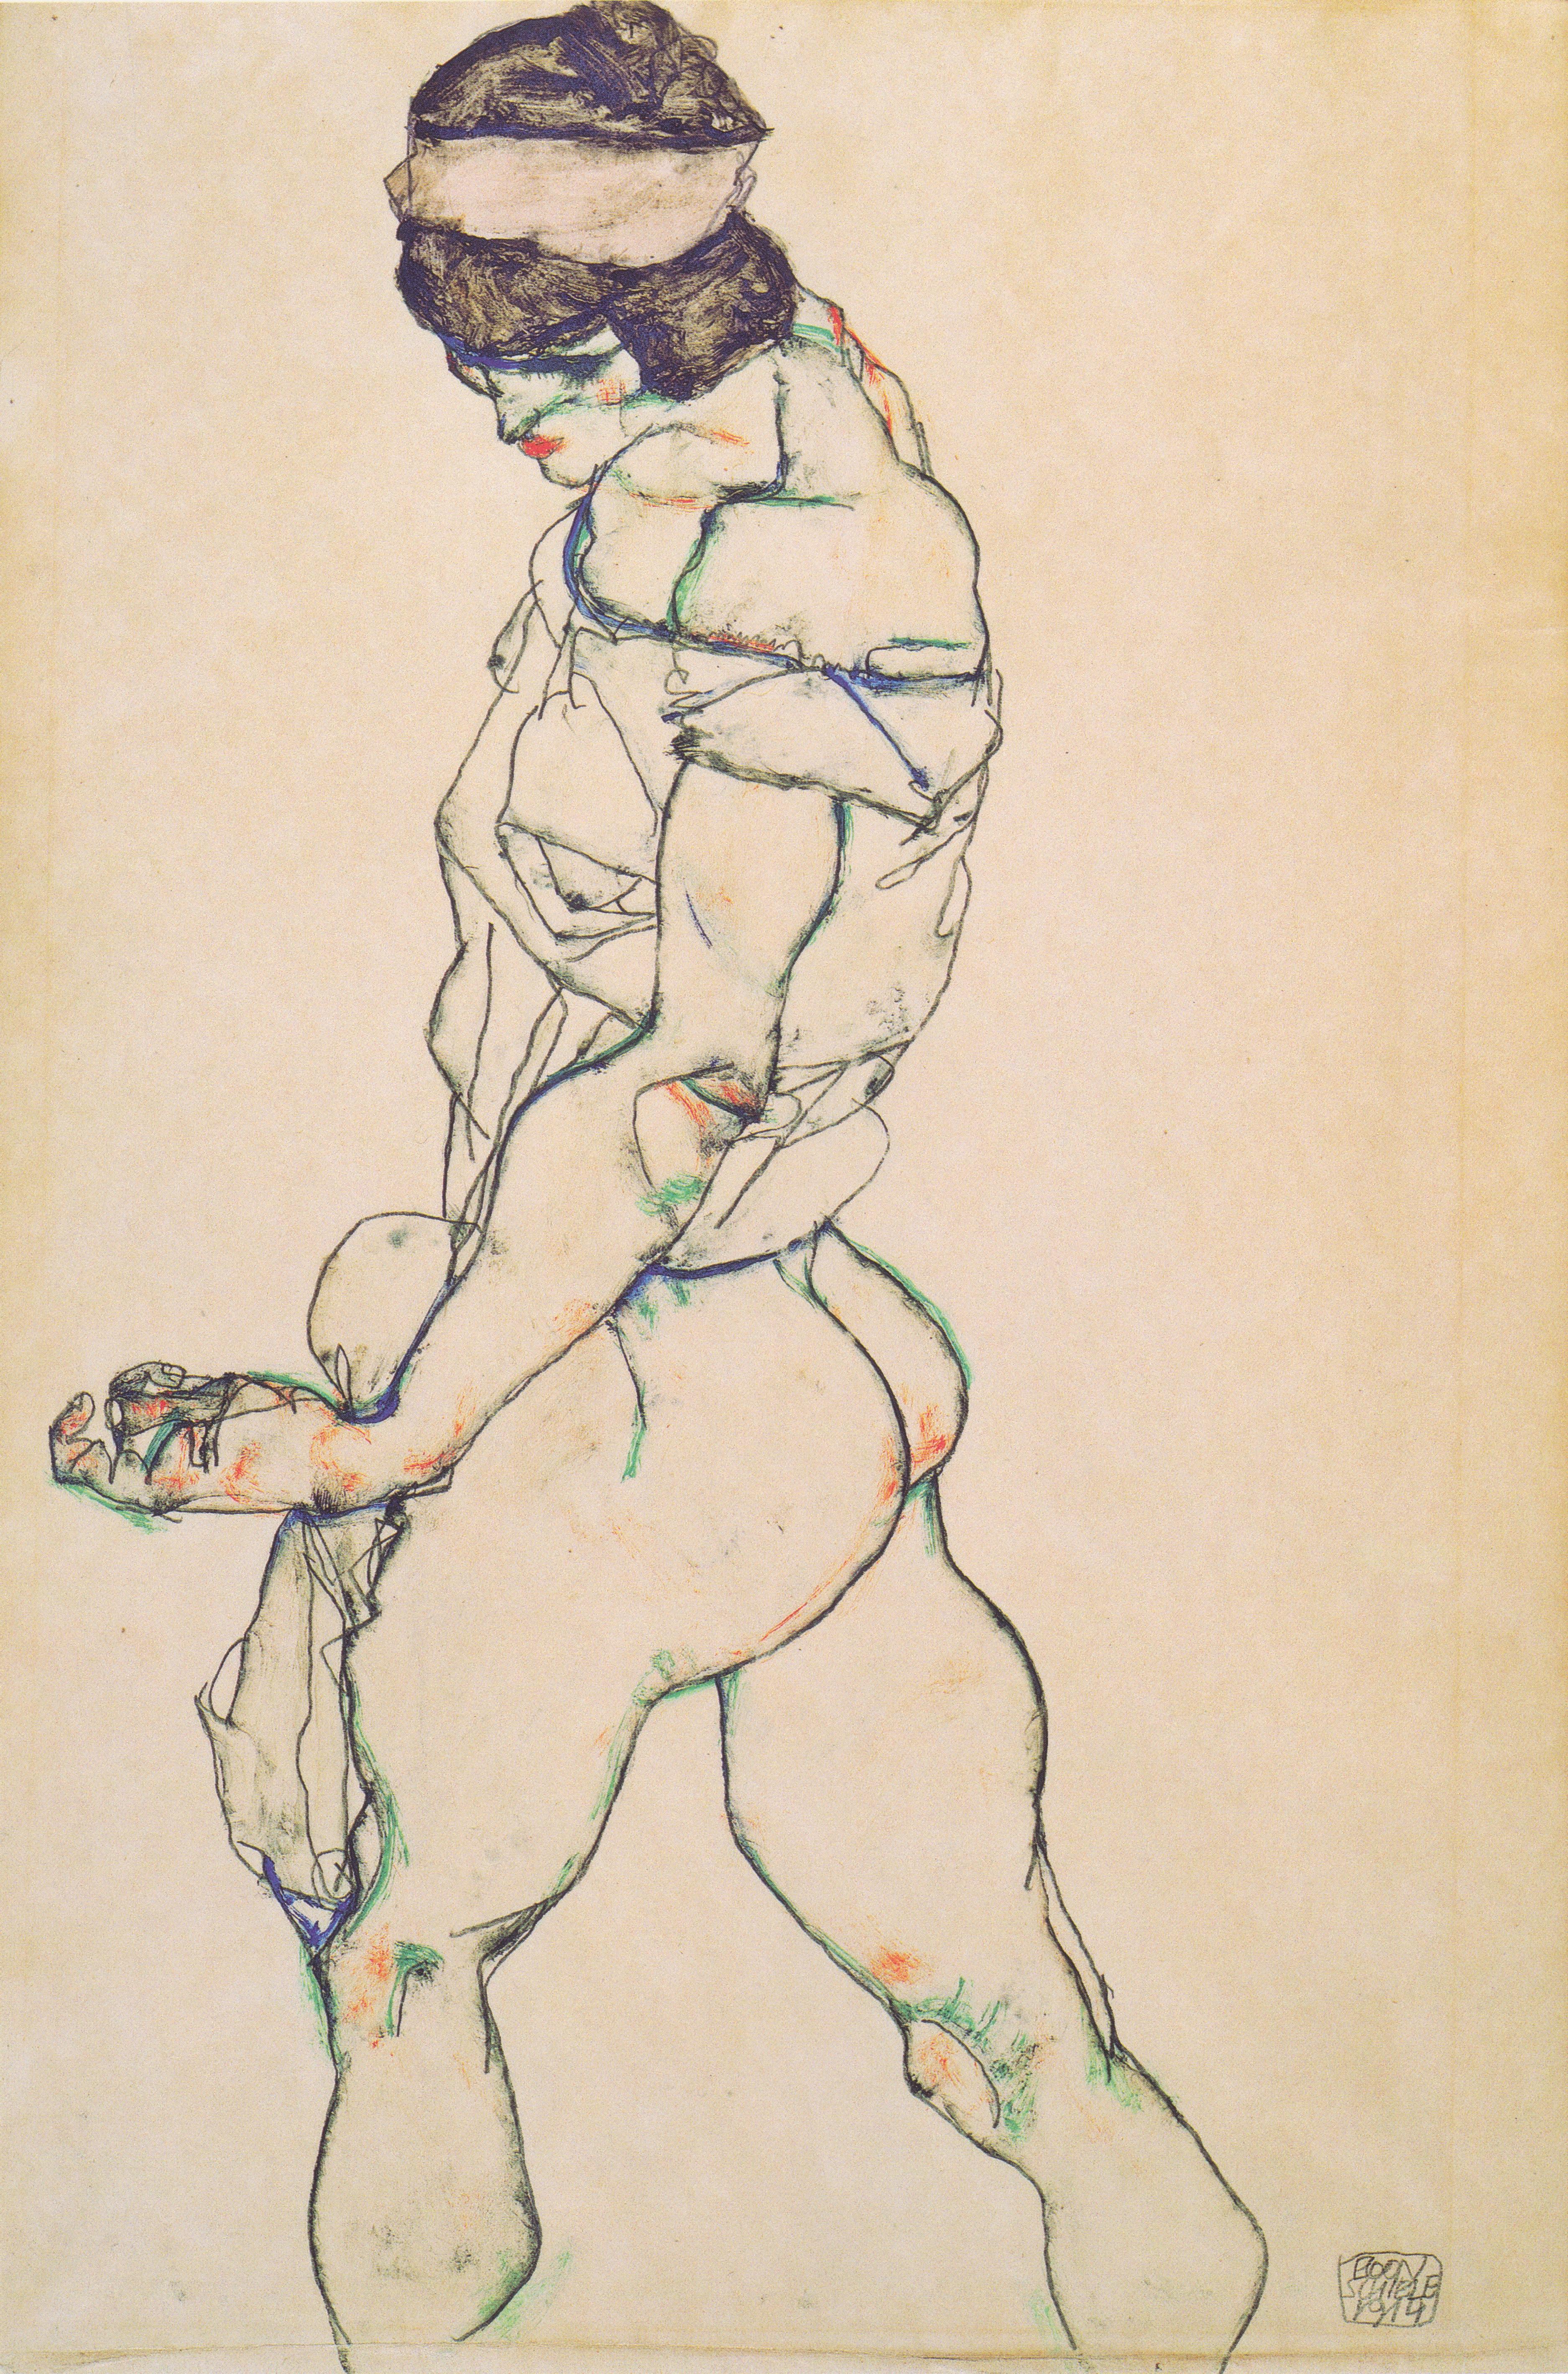 Egon_Schiele_-_Nach_links_schreitender_Frauenakt_-_1914 Drawing ugliness